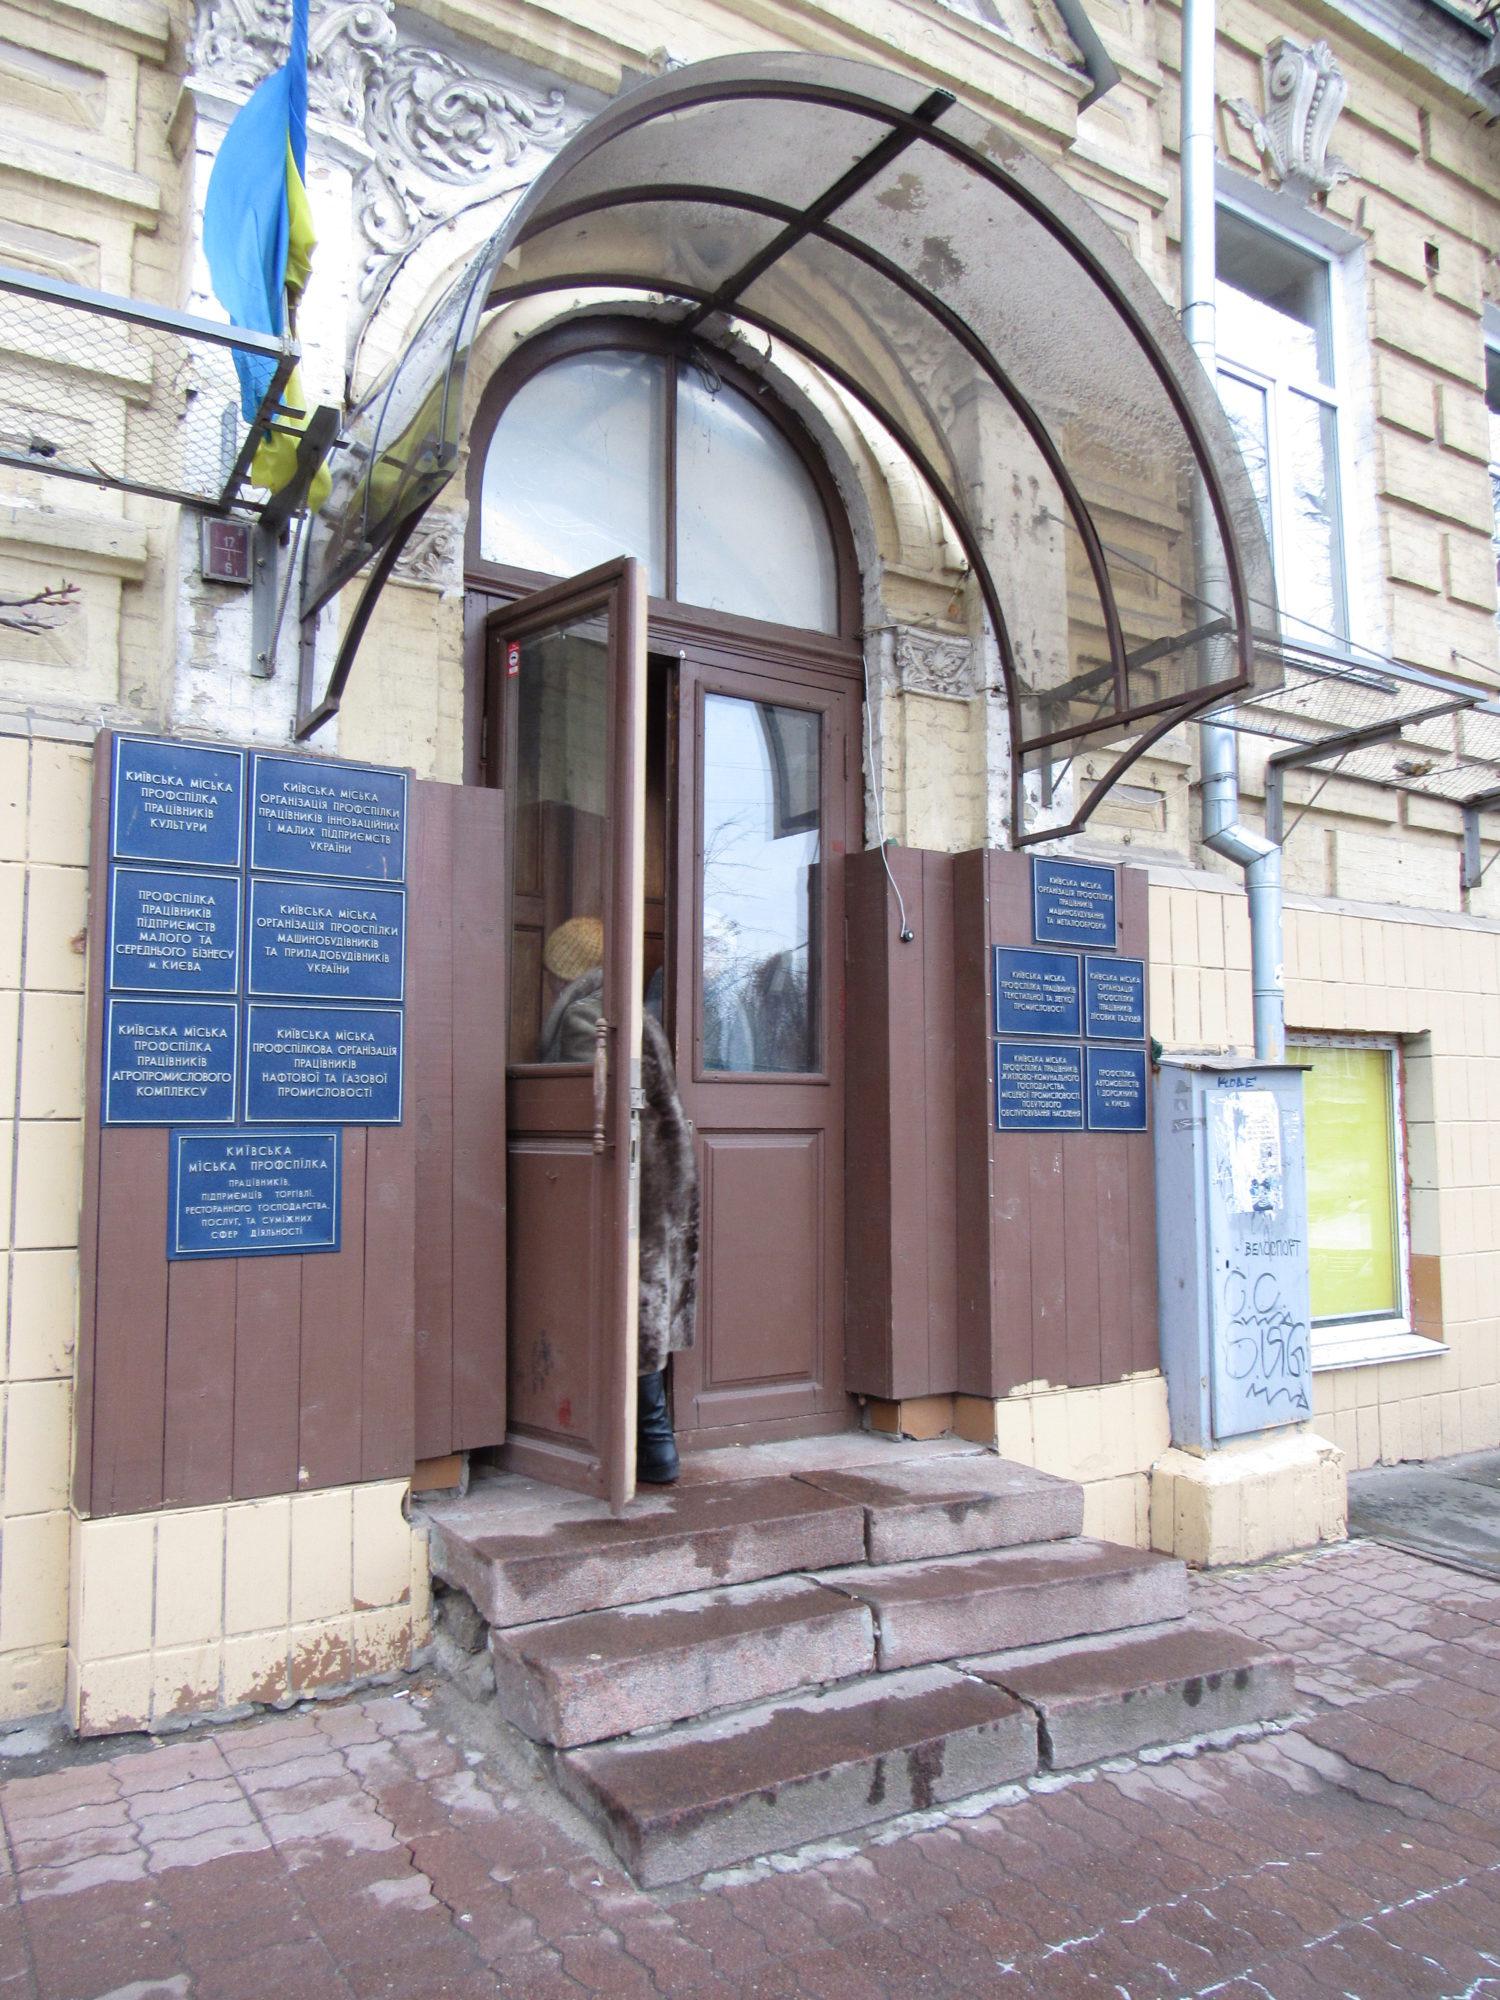 Захист трудових прав: у Києві відкрилося третє бюро правової допомоги